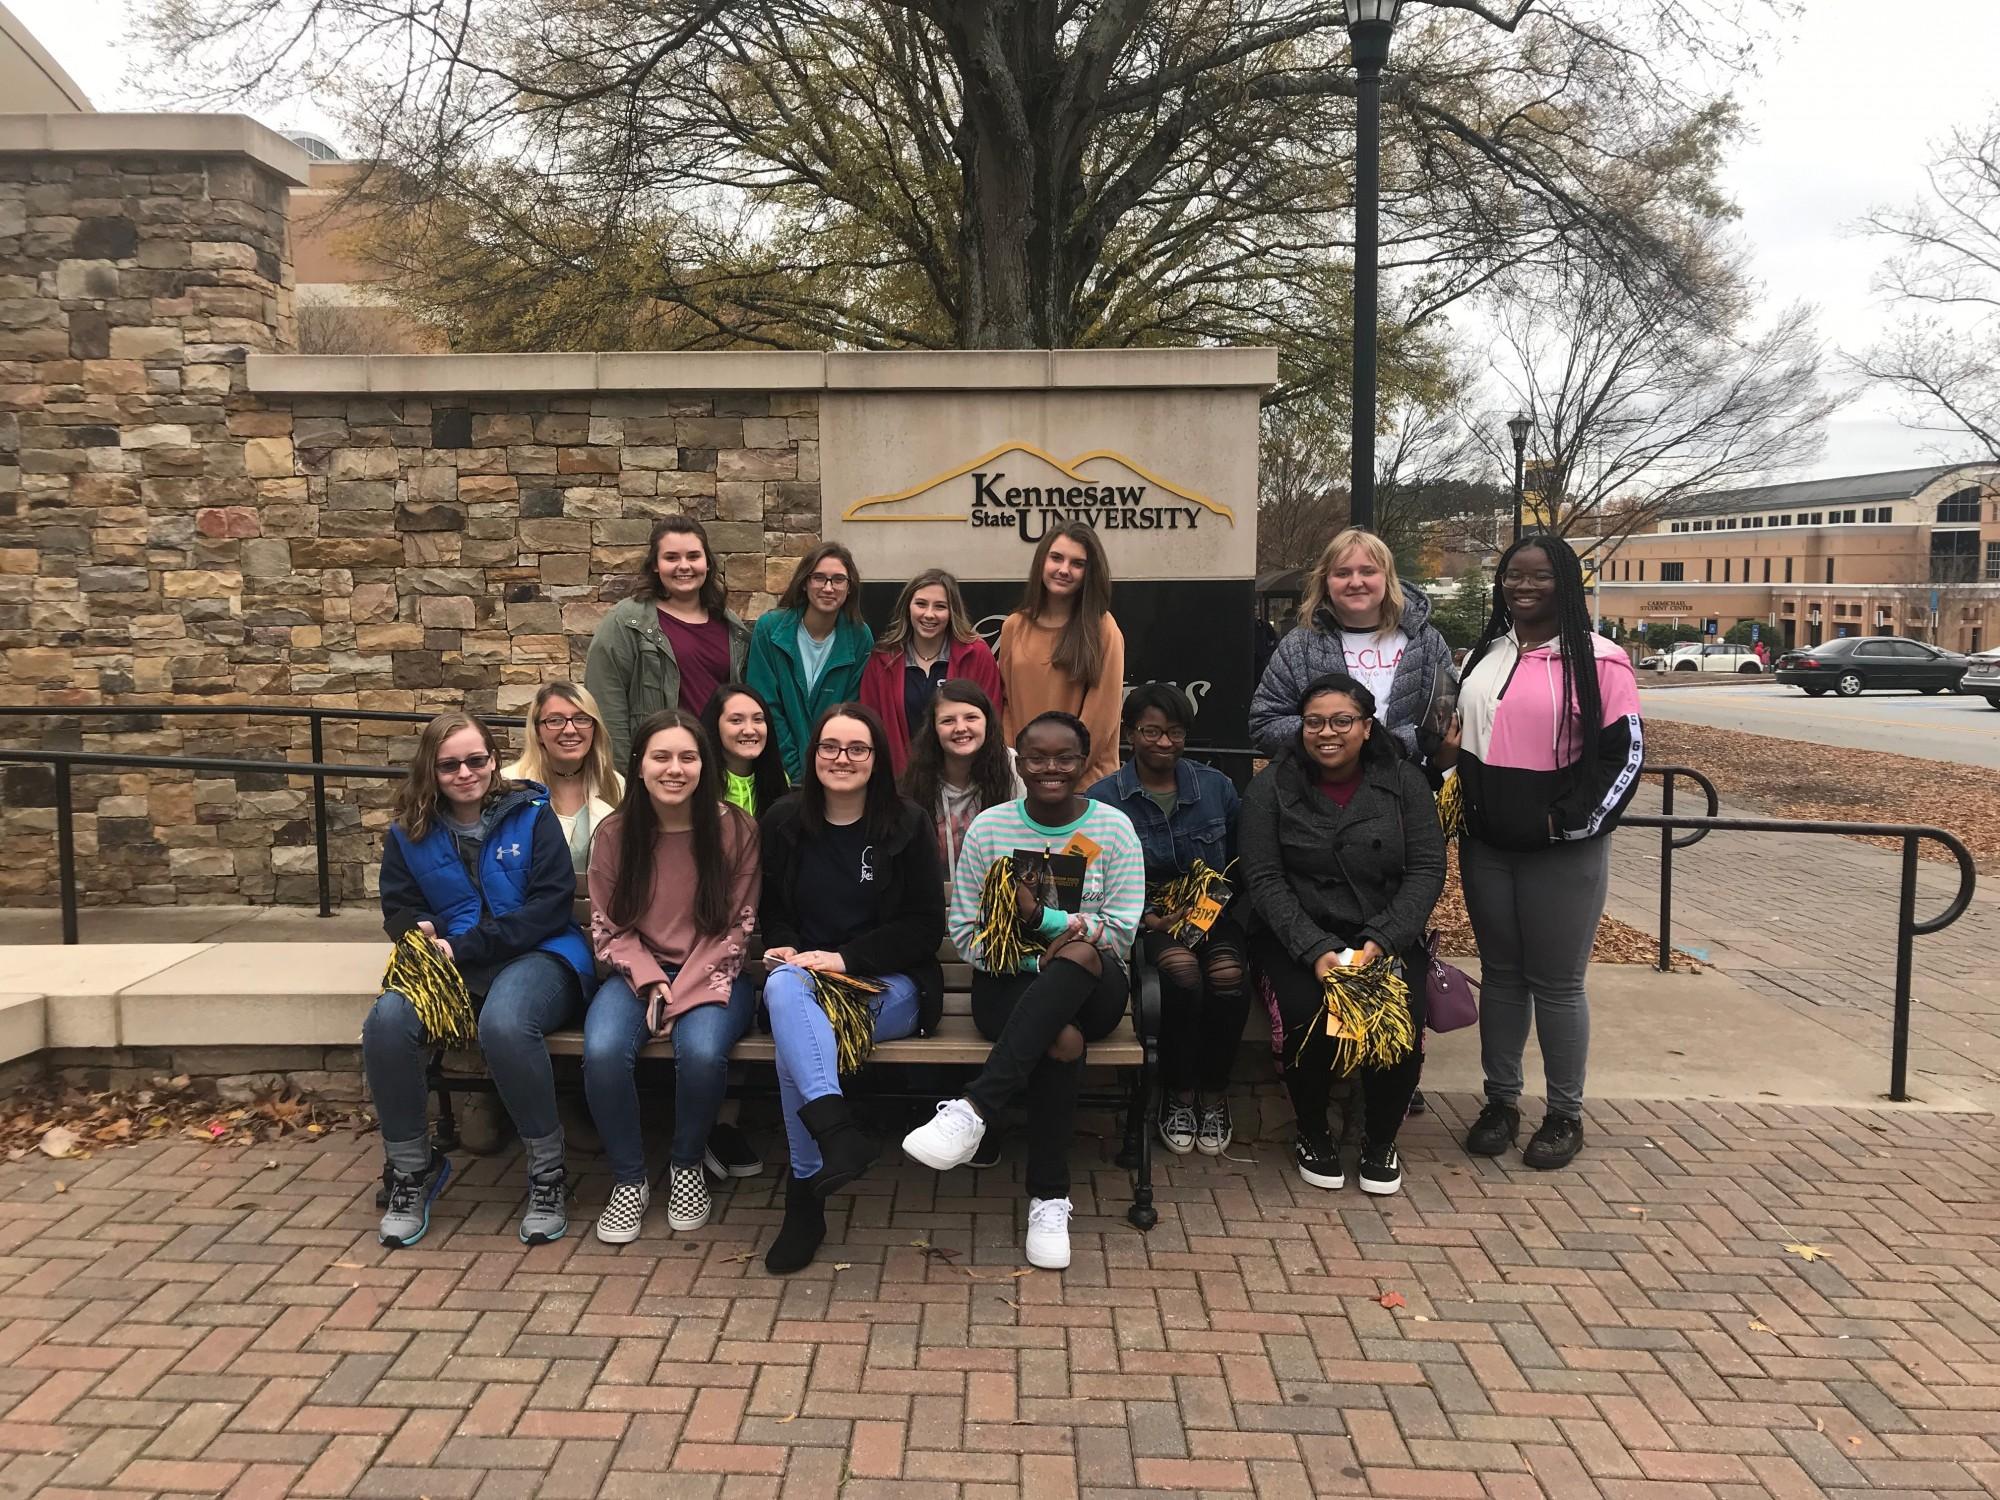 KSU College Tour